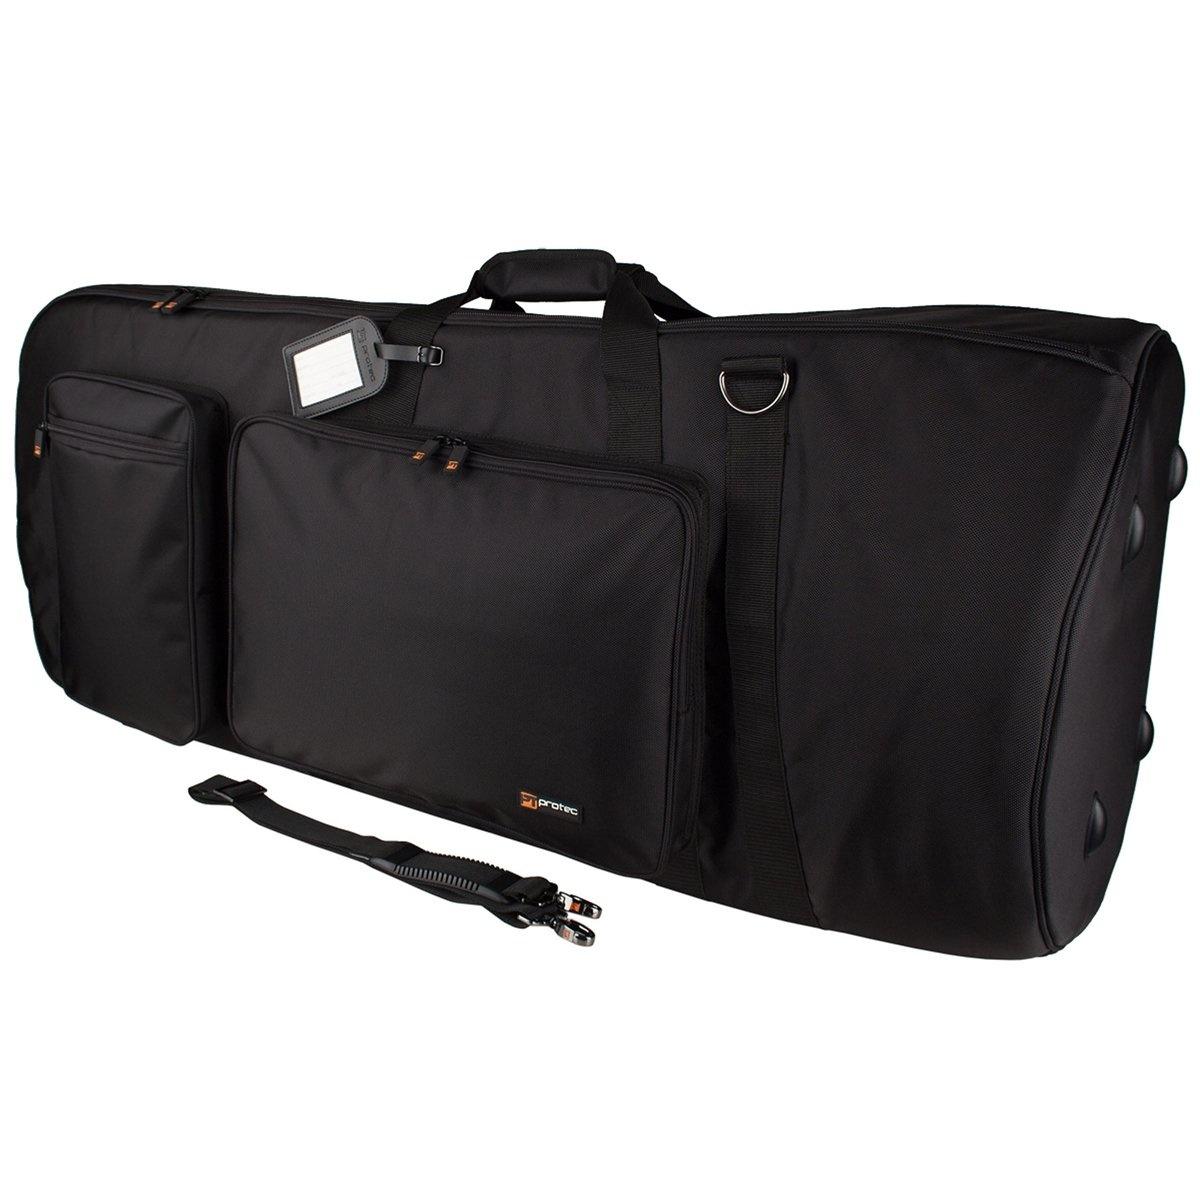 Protec Protec Tuba Gig Bag - Gold Series